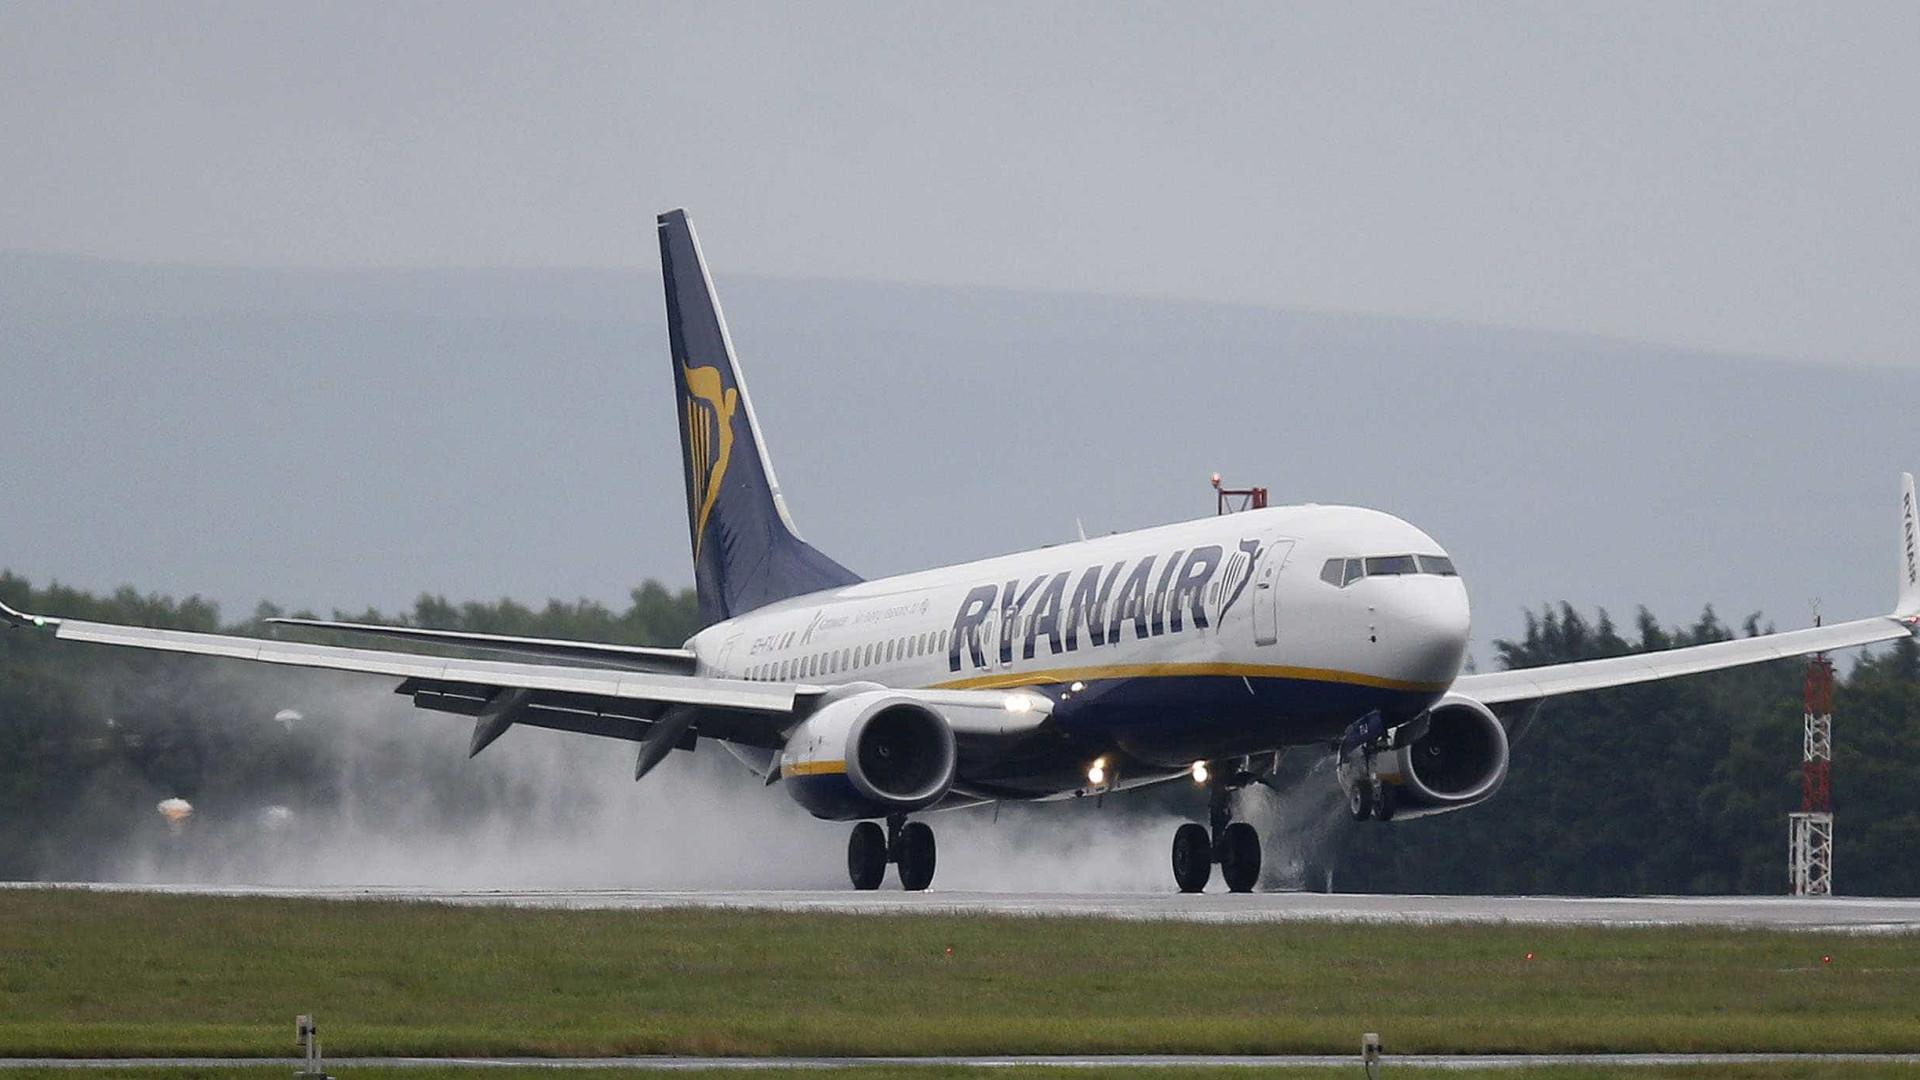 Pilotos da Ryanair com base na Holanda associam-se à greve